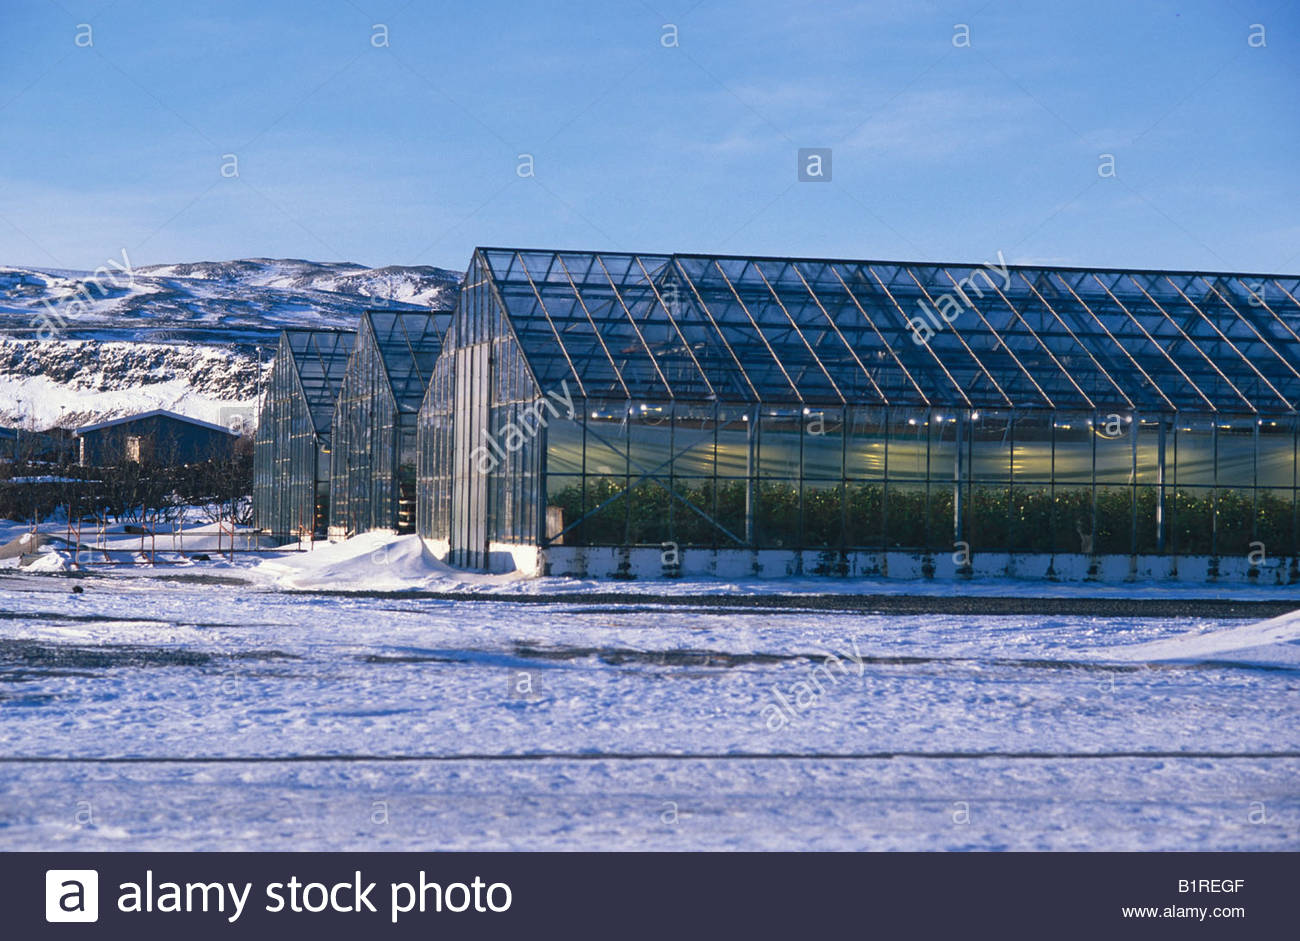 Greenhouses, Hveragerdi, Iceland, Europe - Stock Image